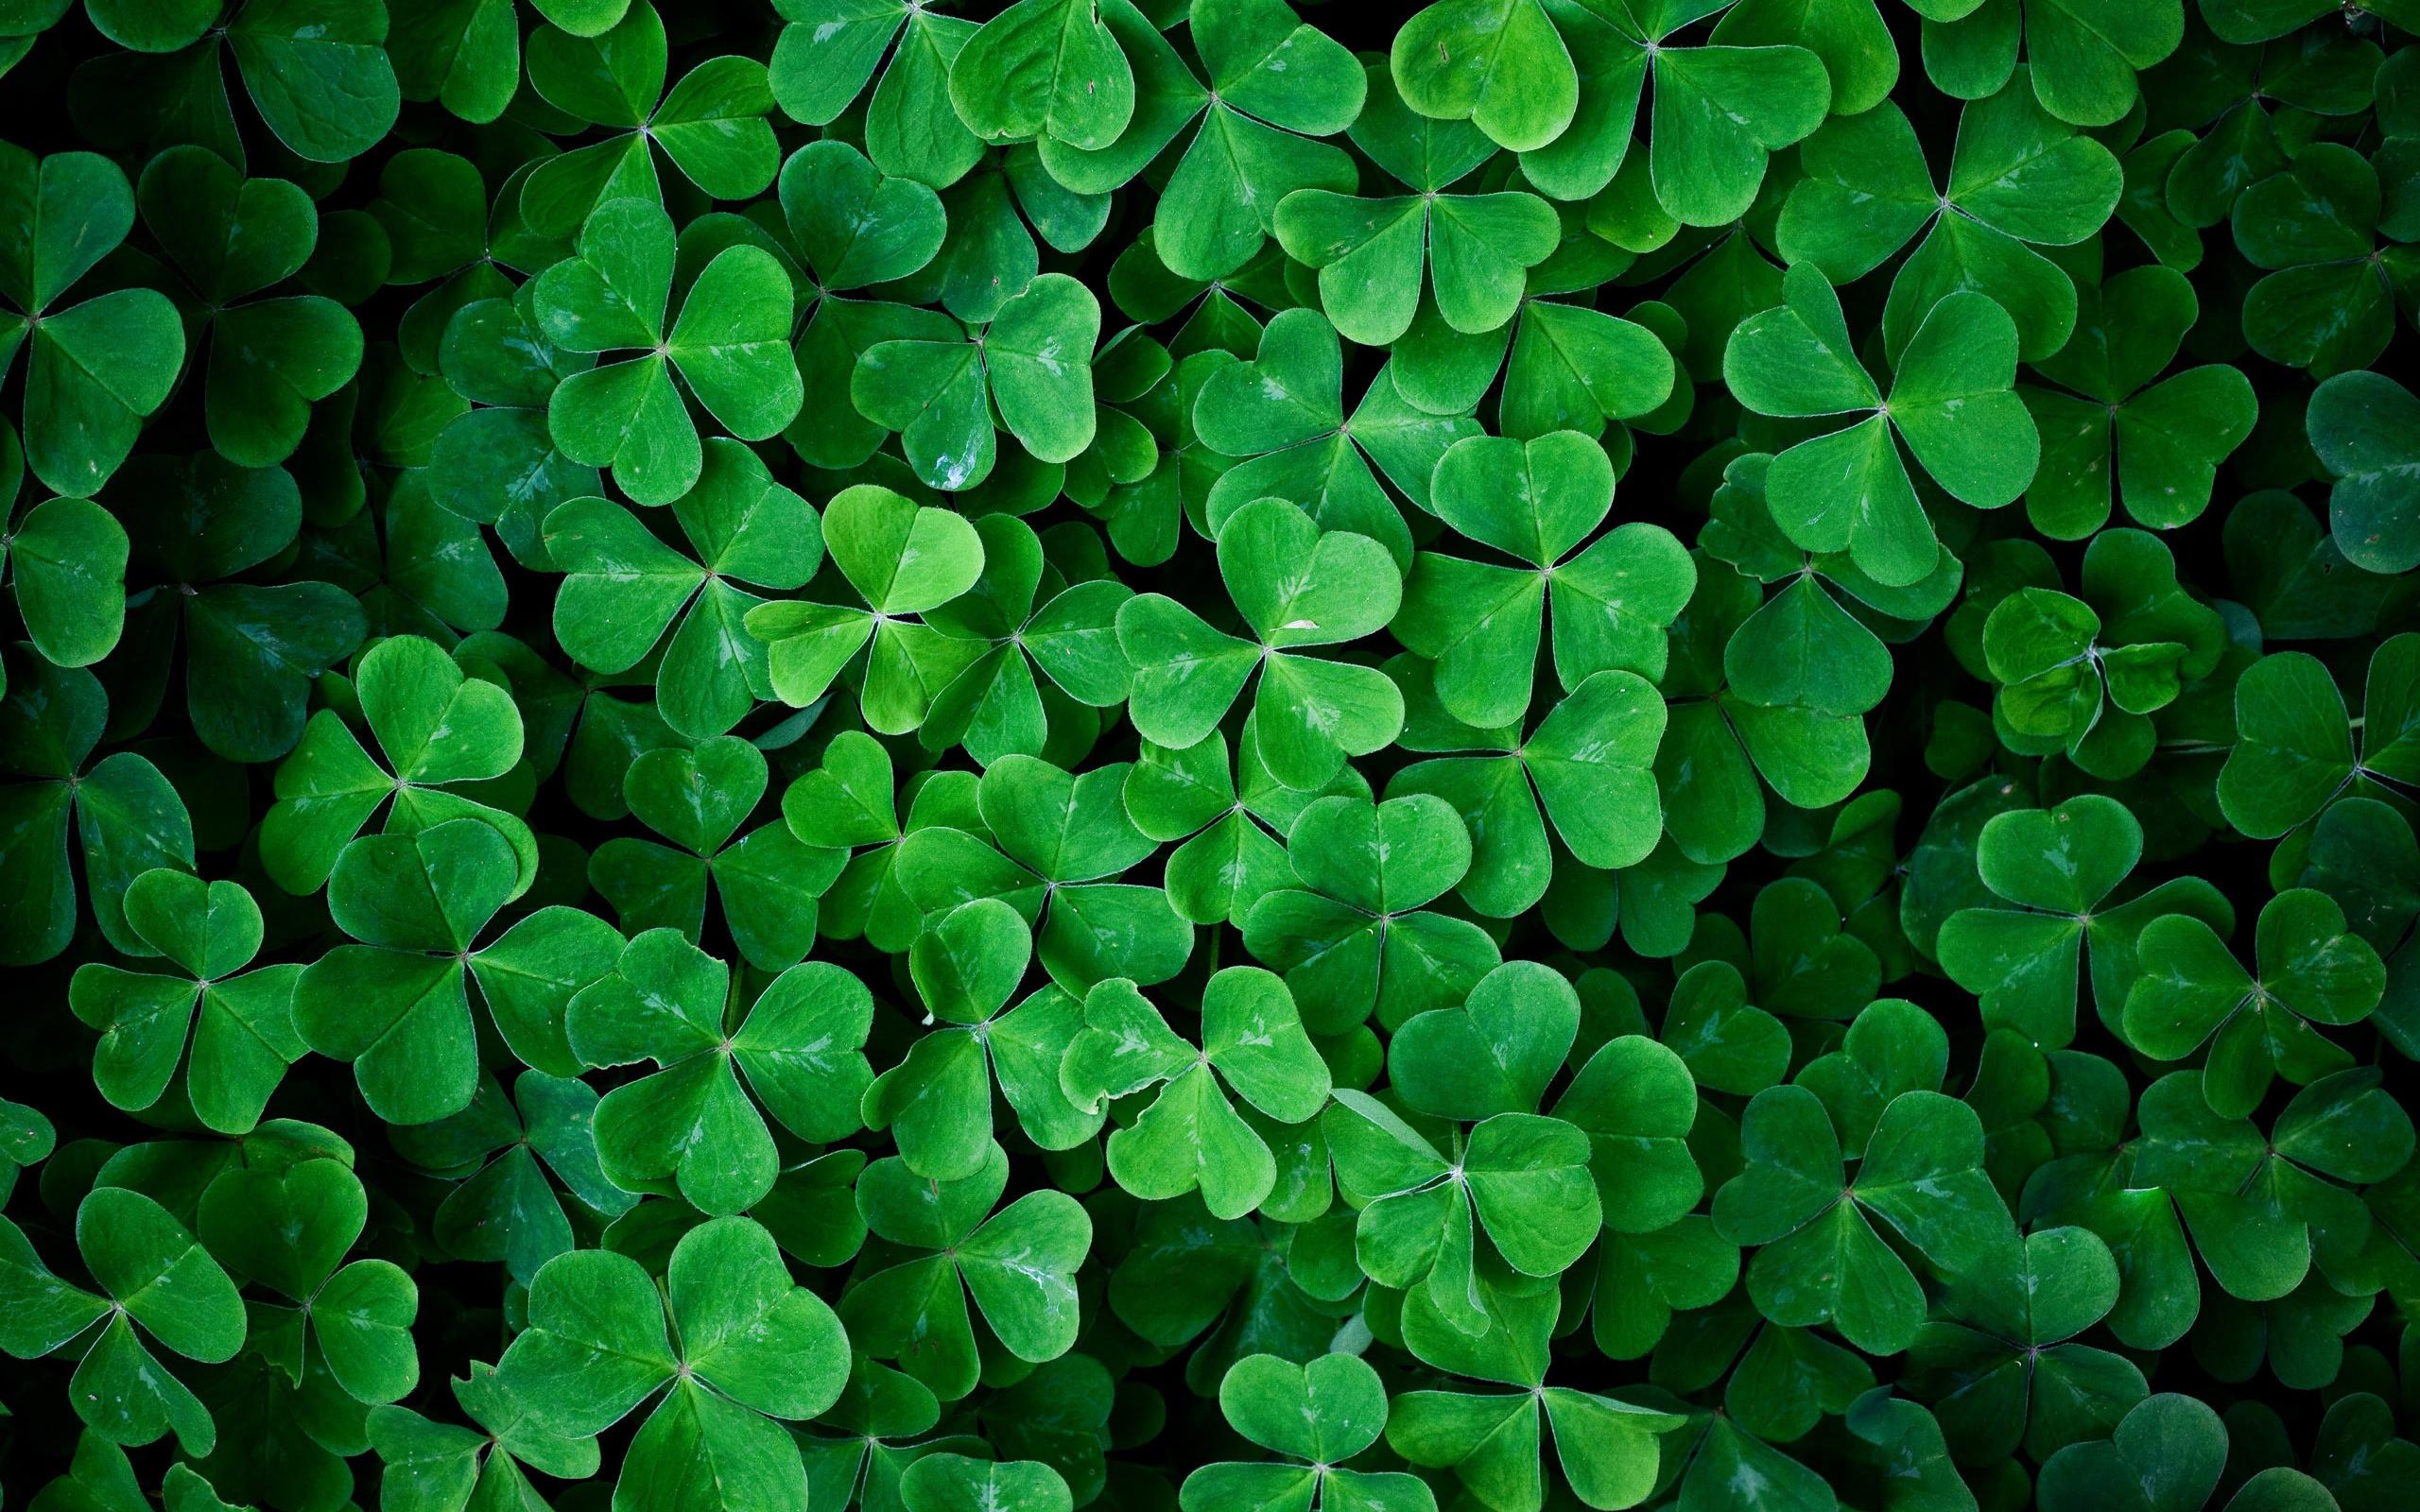 дополнение зеленые картинки для твиттера считаете вы